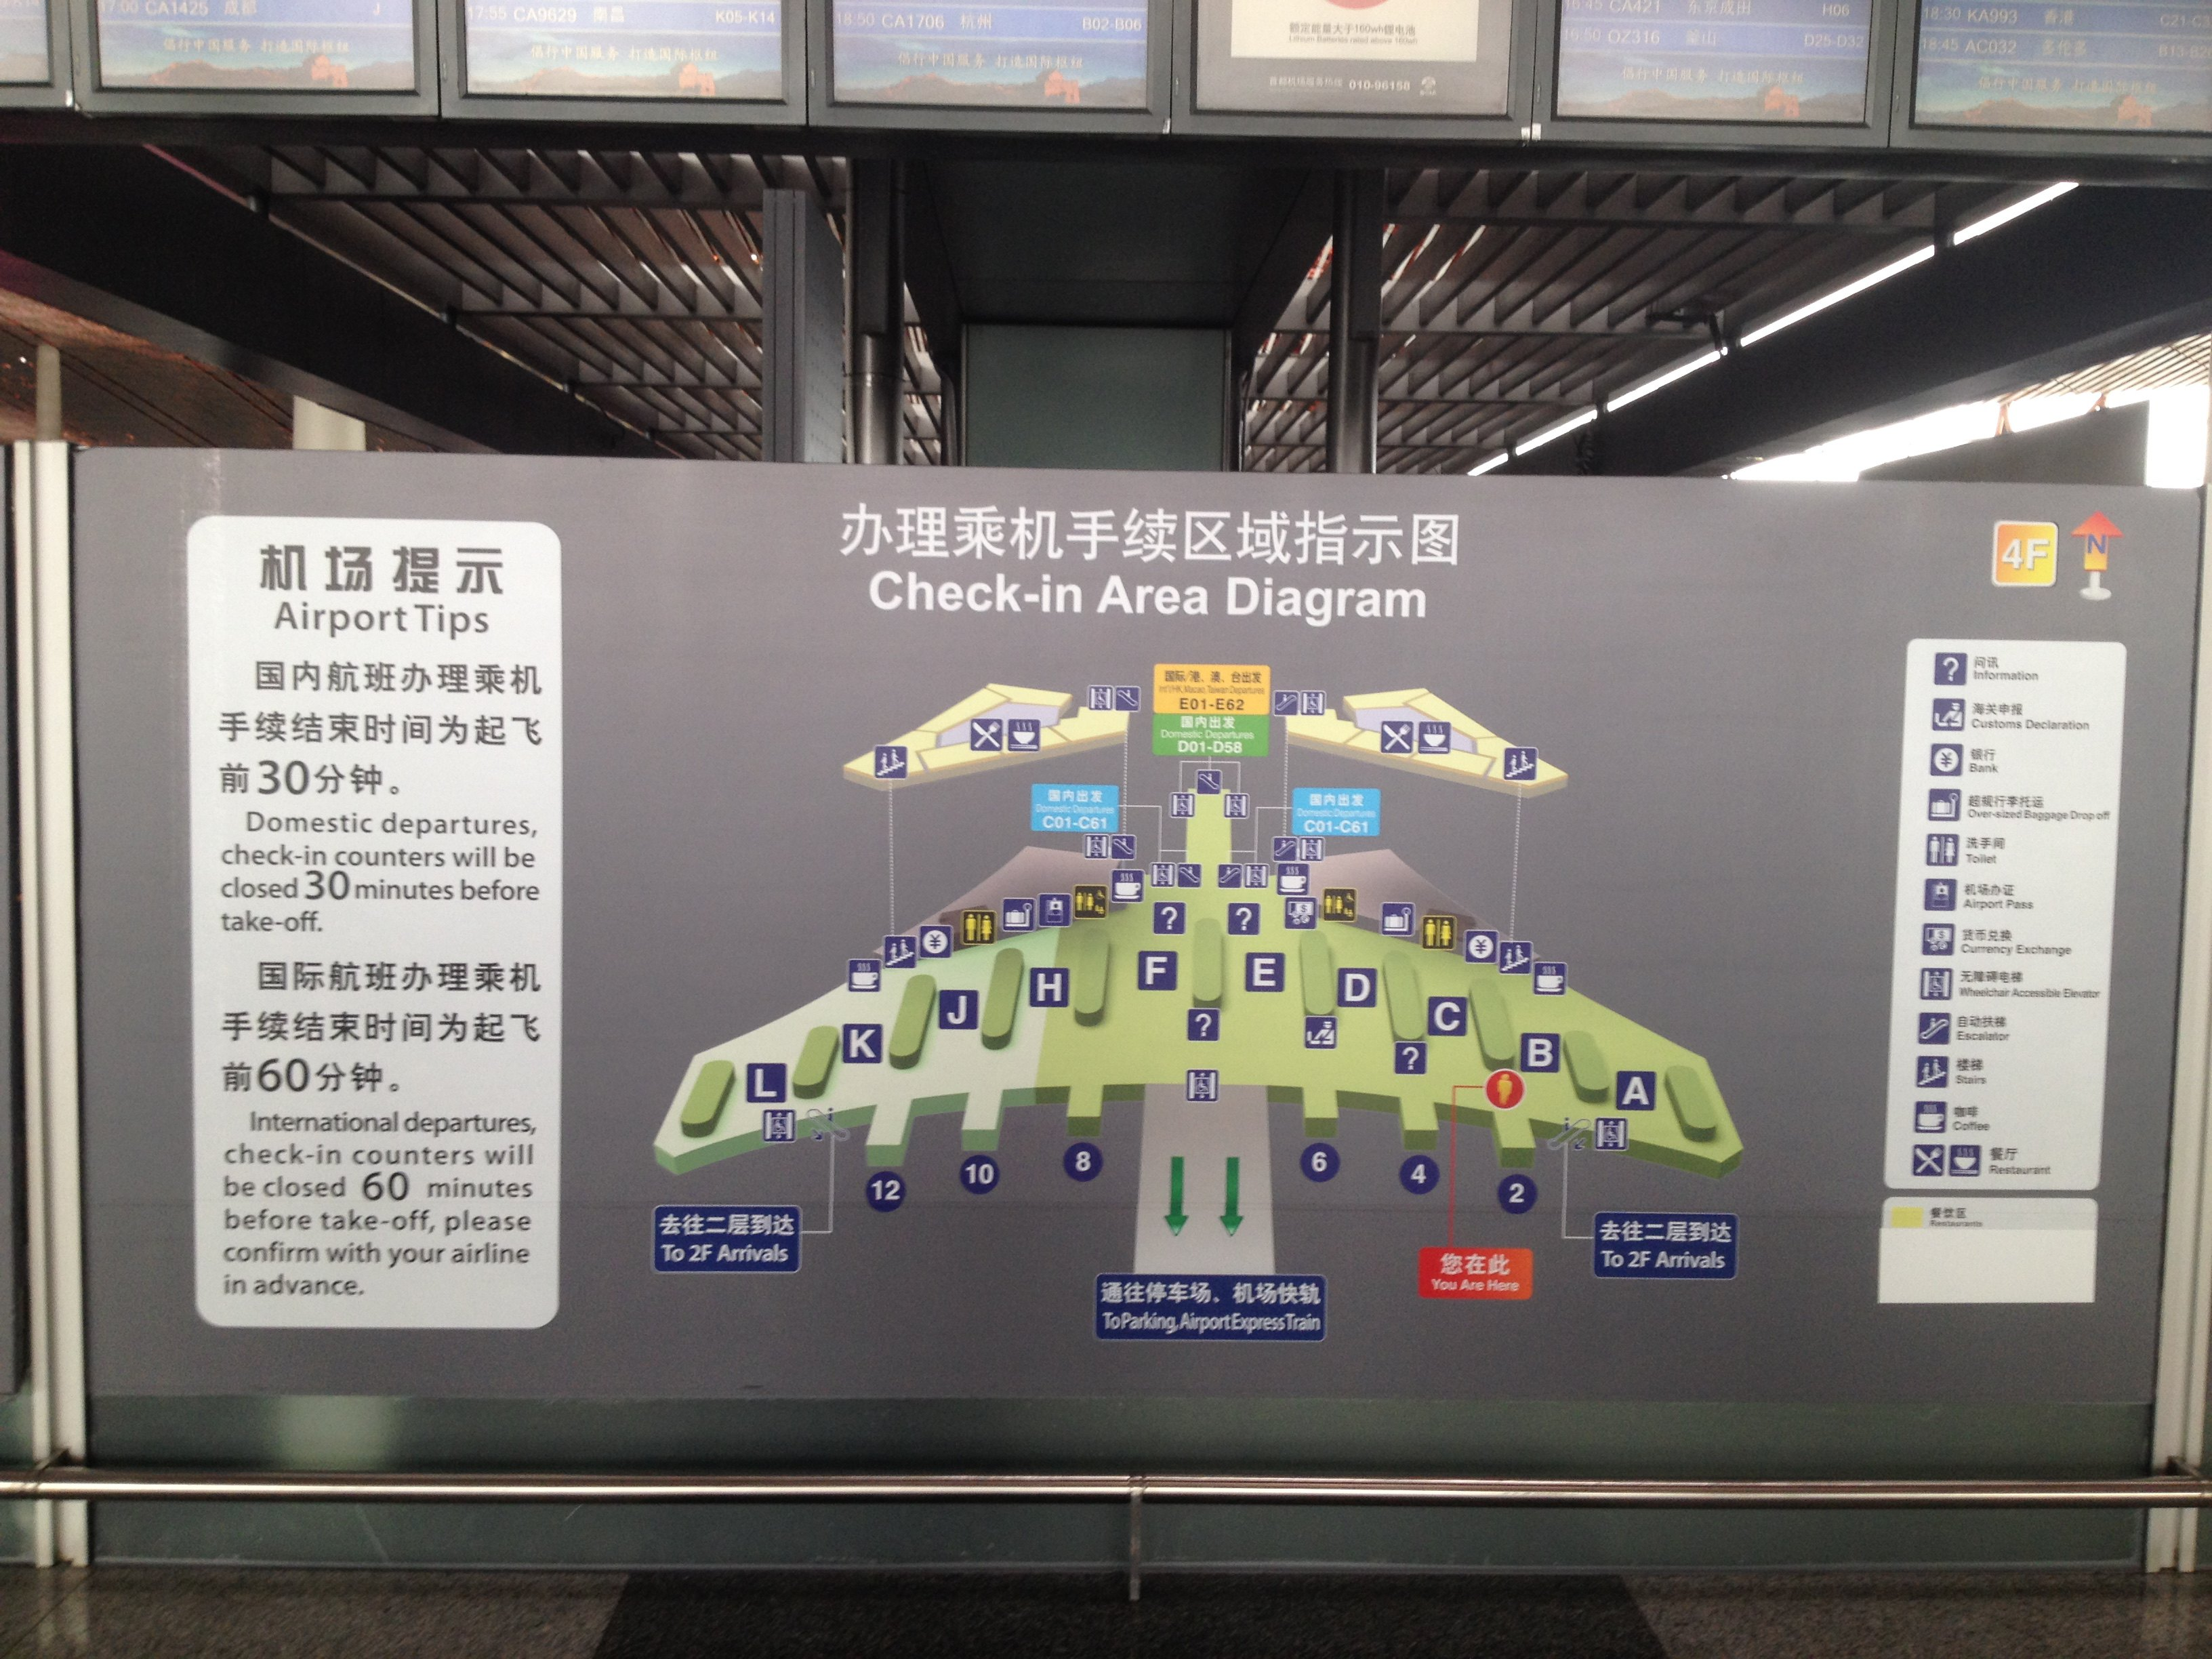 北京目前有两个机场,南苑机场和首都国际机场,首都国际机场是北京最重要的机场有三个航站楼,T3最新,国际知名的航空公司往往都在T3起降,国航的飞机也一定在T3,海航在1号航站楼,2号航站楼主要有东方航空公司。三个航站楼之间有免费巴士,坐大巴去市中心,哪个航站楼都有车,但地铁只有在2号和3号航站楼才有。机场有免费wifi,只要你有龙腾卡或者各银行、各航空公司的贵宾卡可以在贵宾休息室等候飞机。有很多餐厅和商店都是24小时营业。